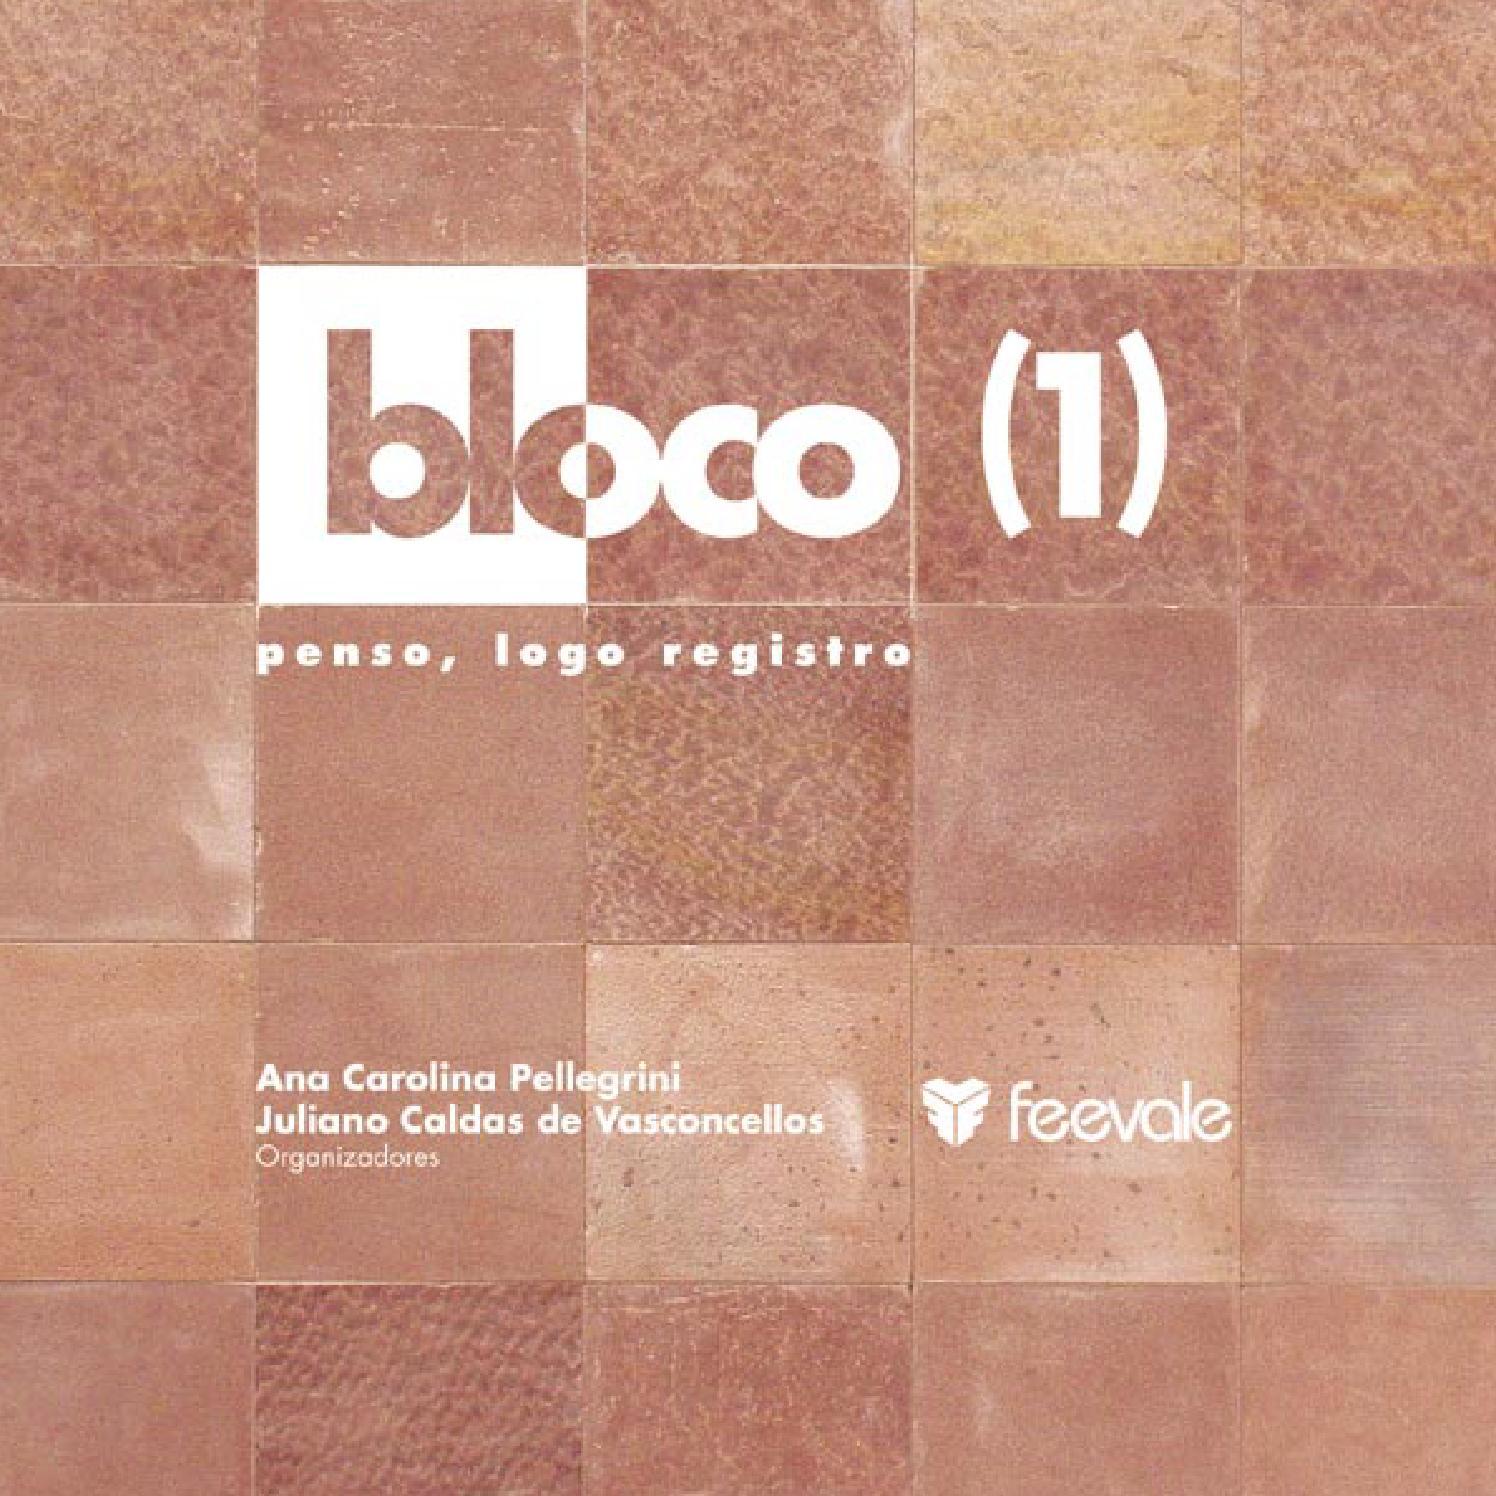 9b8aab51e4b Bloco (1) by Juliano Vasconcellos - issuu